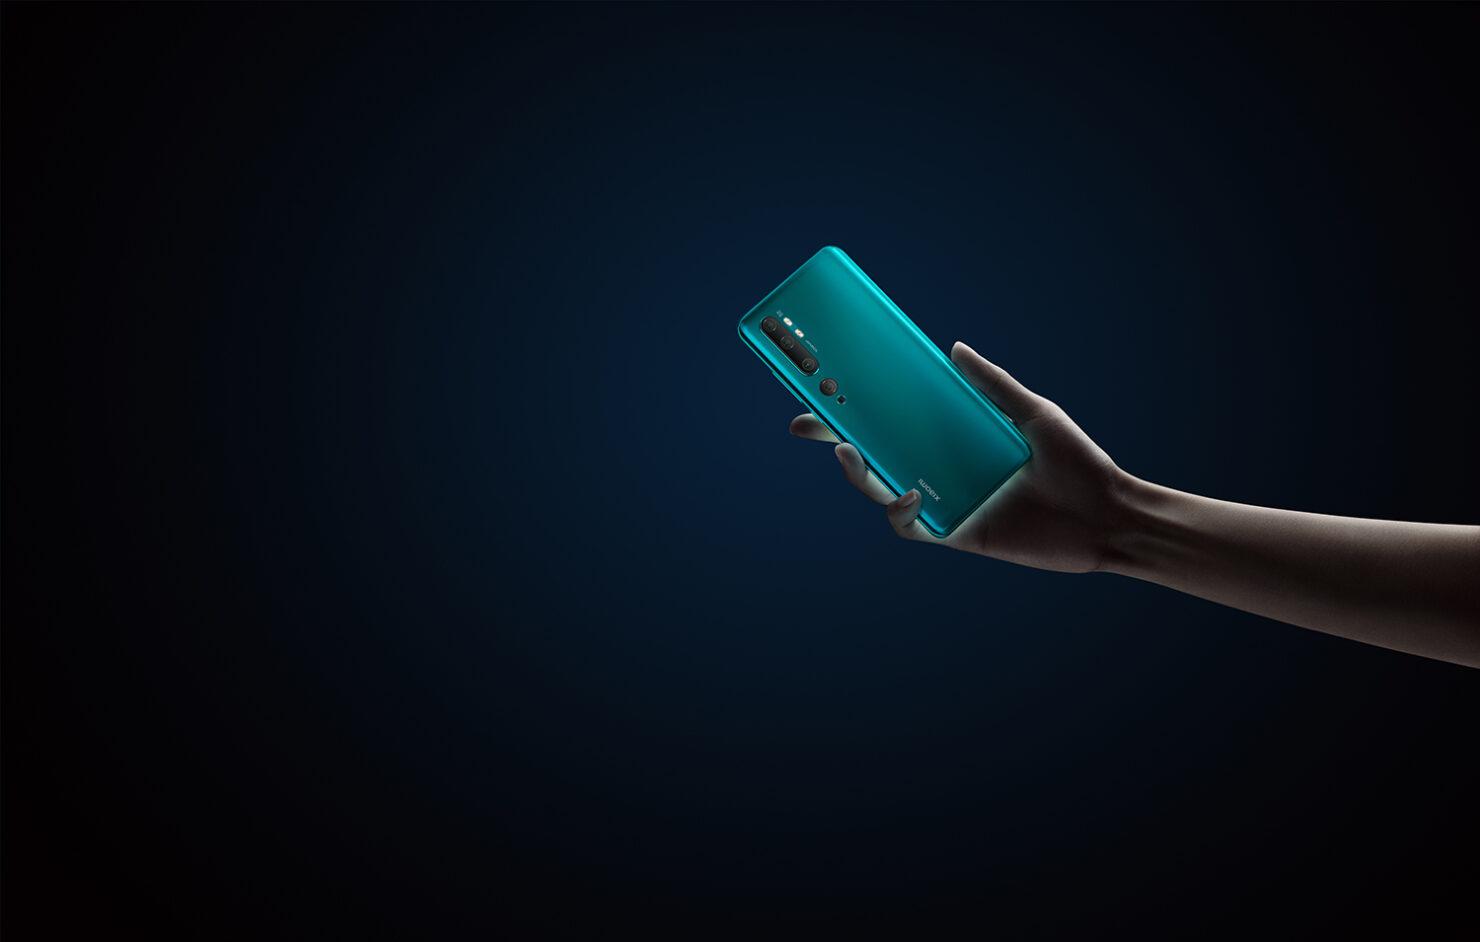 Xiaomi Mi Note 10, Mi Note 10 Pro are the more expensive versions of the Mi CC9 Pro